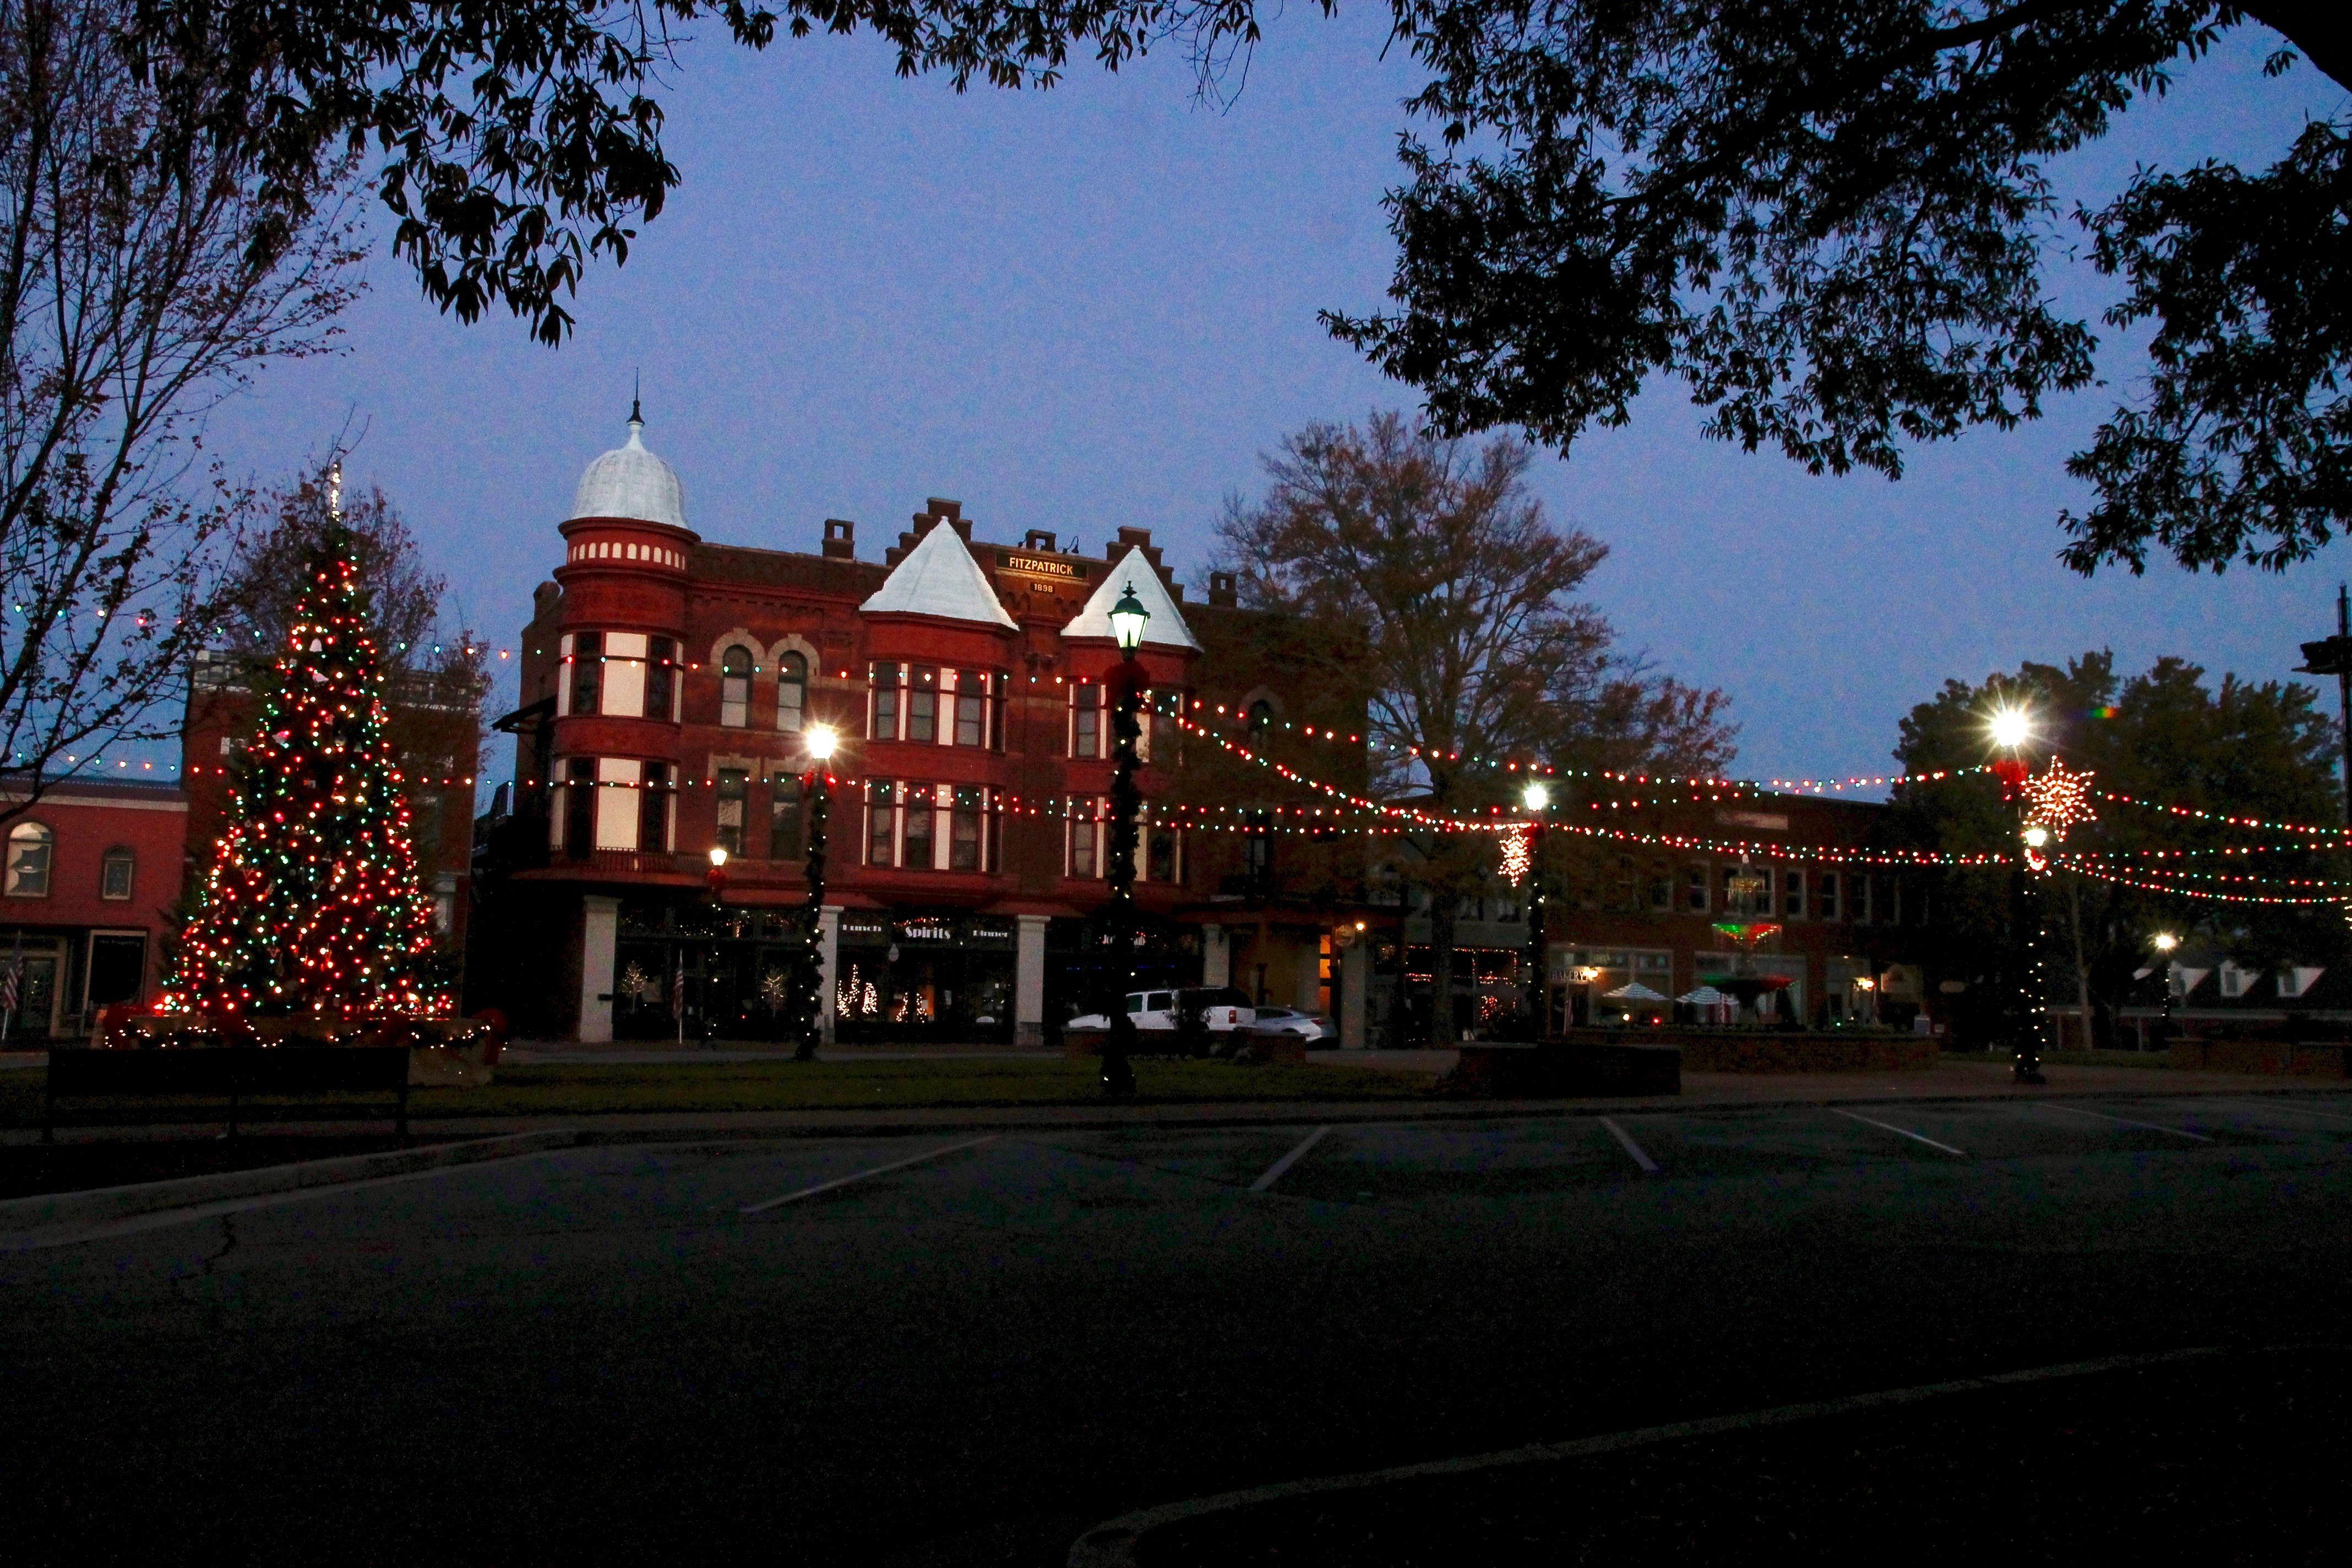 Christmas At Fitzpatrick Hotel Washington Ga